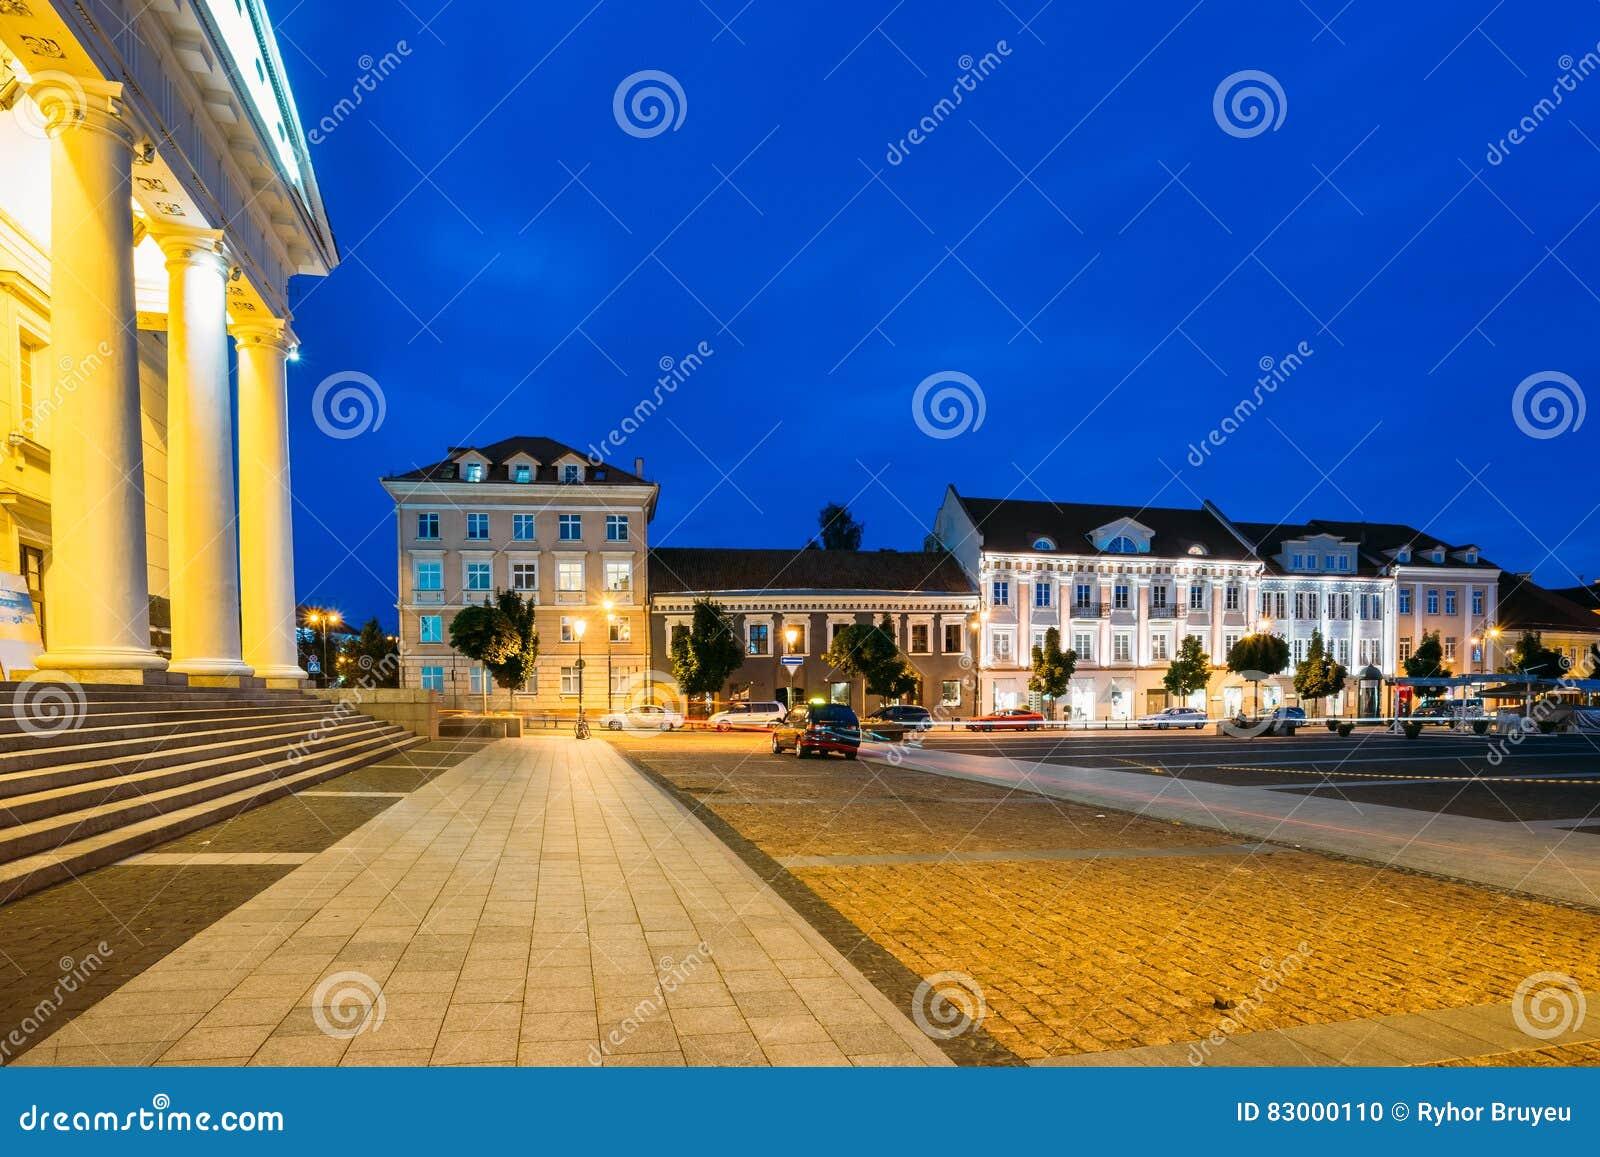 Vilnius City Council